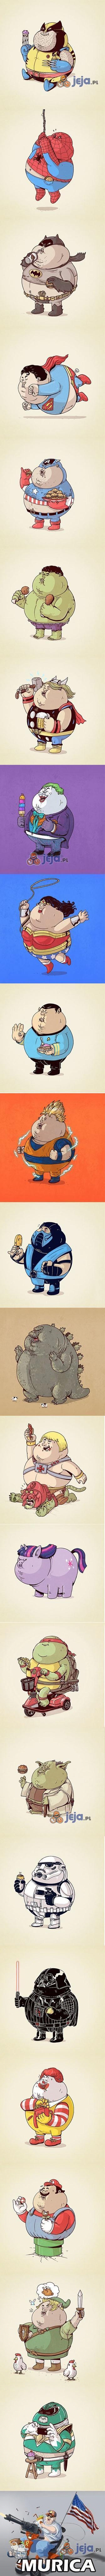 Gdyby znani bohaterowie mieli nadwagę